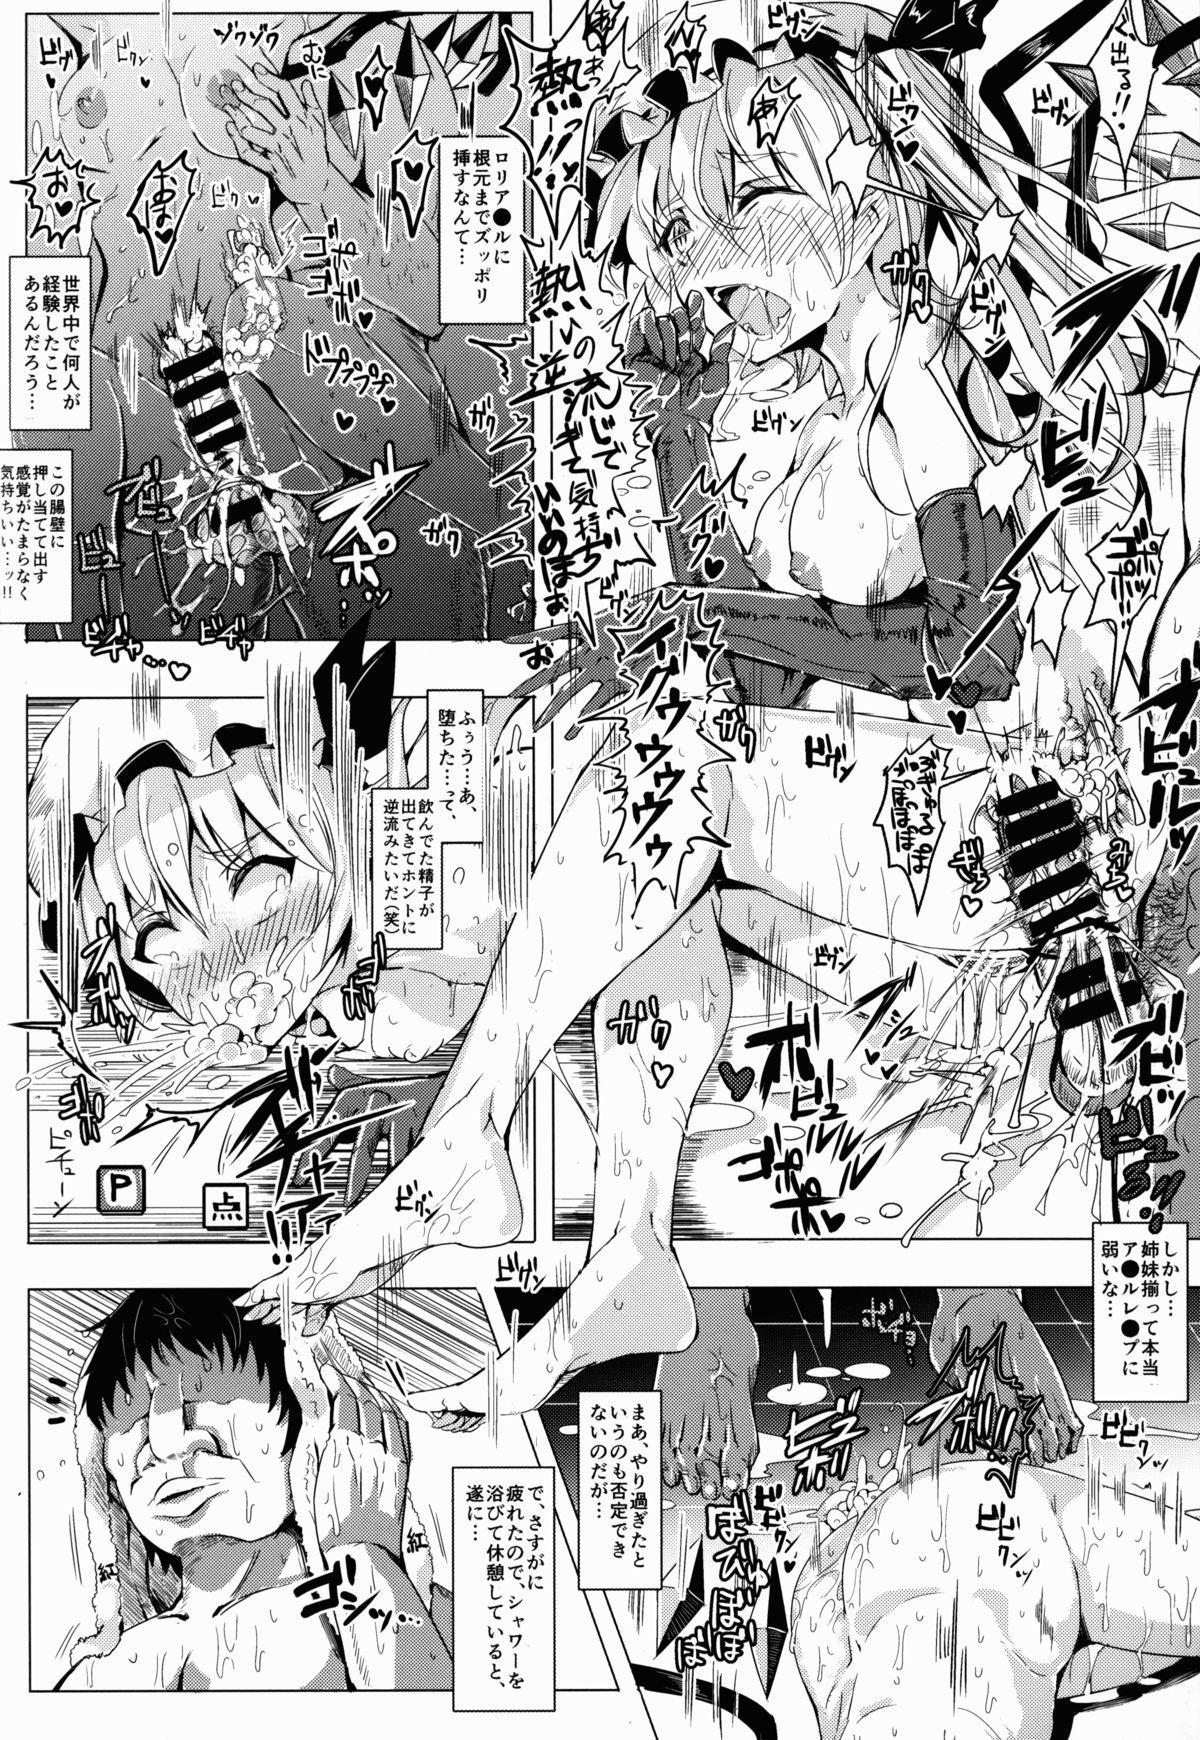 Oidemase!! Jiyuu Fuuzoku Gensoukyou Nihaku Mikka no Tabi - Kisaragi 9